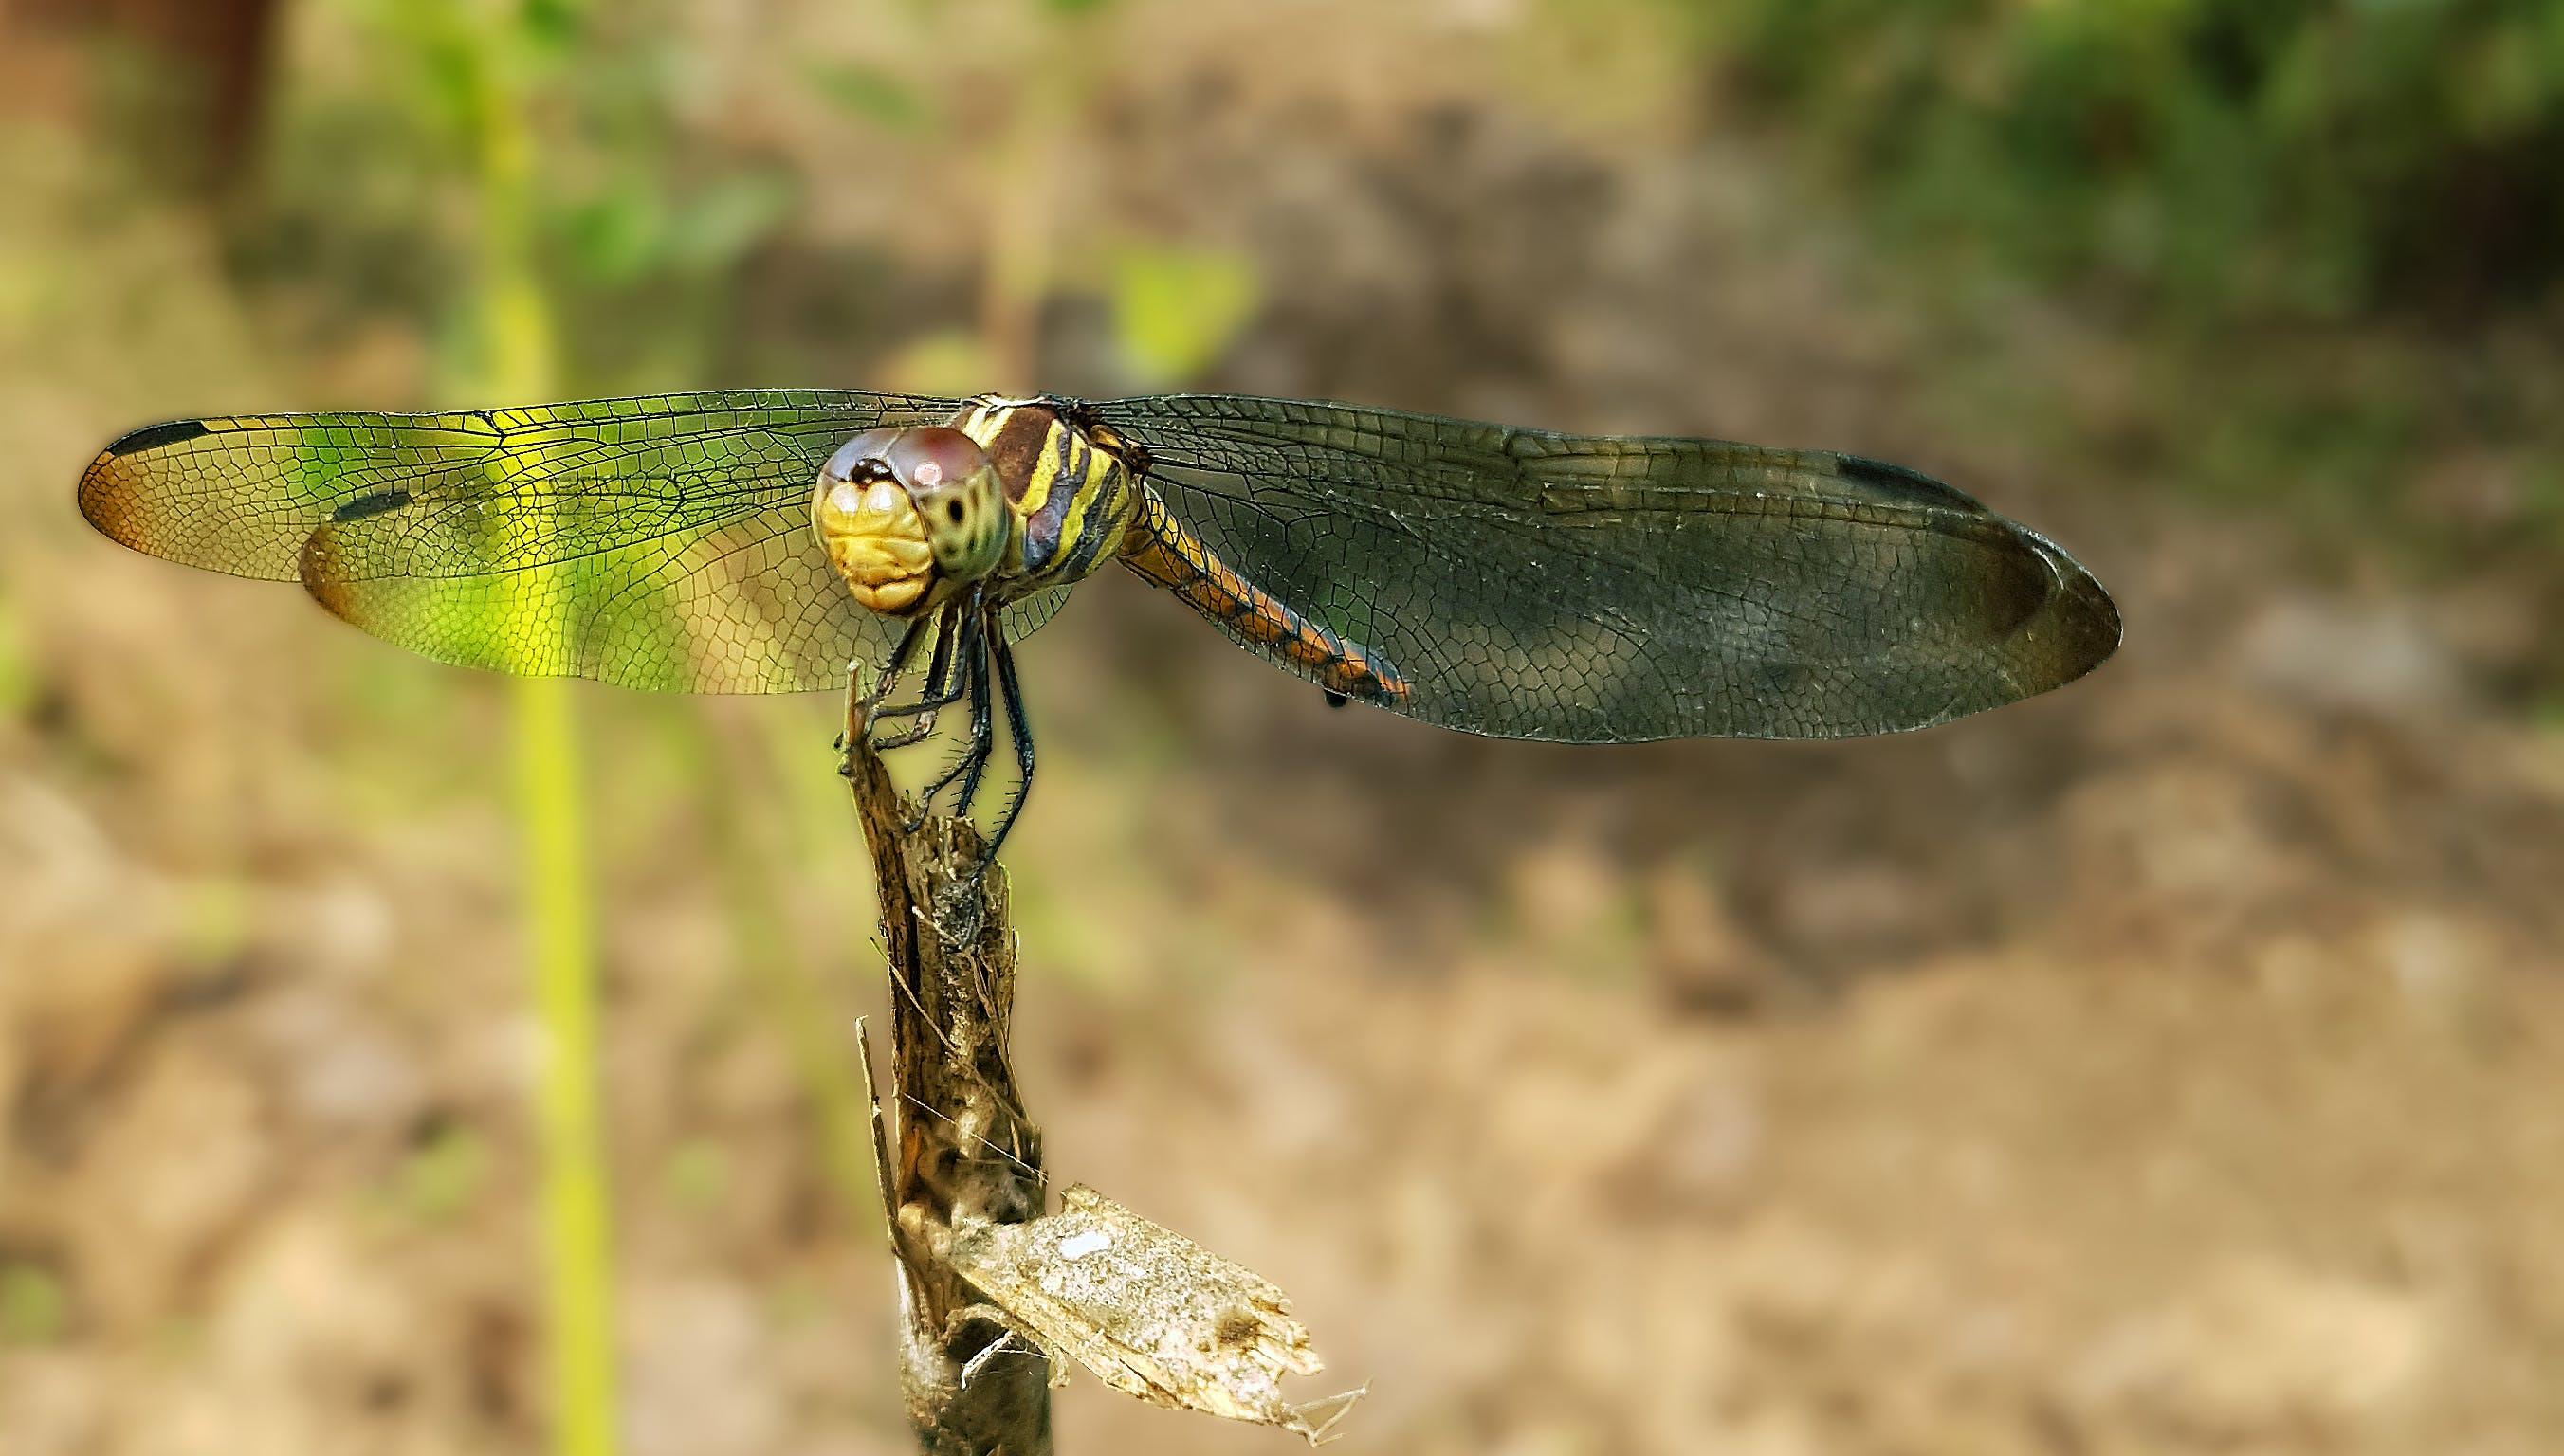 Kostenloses Stock Foto zu draußen, entomologie, farben, flügel